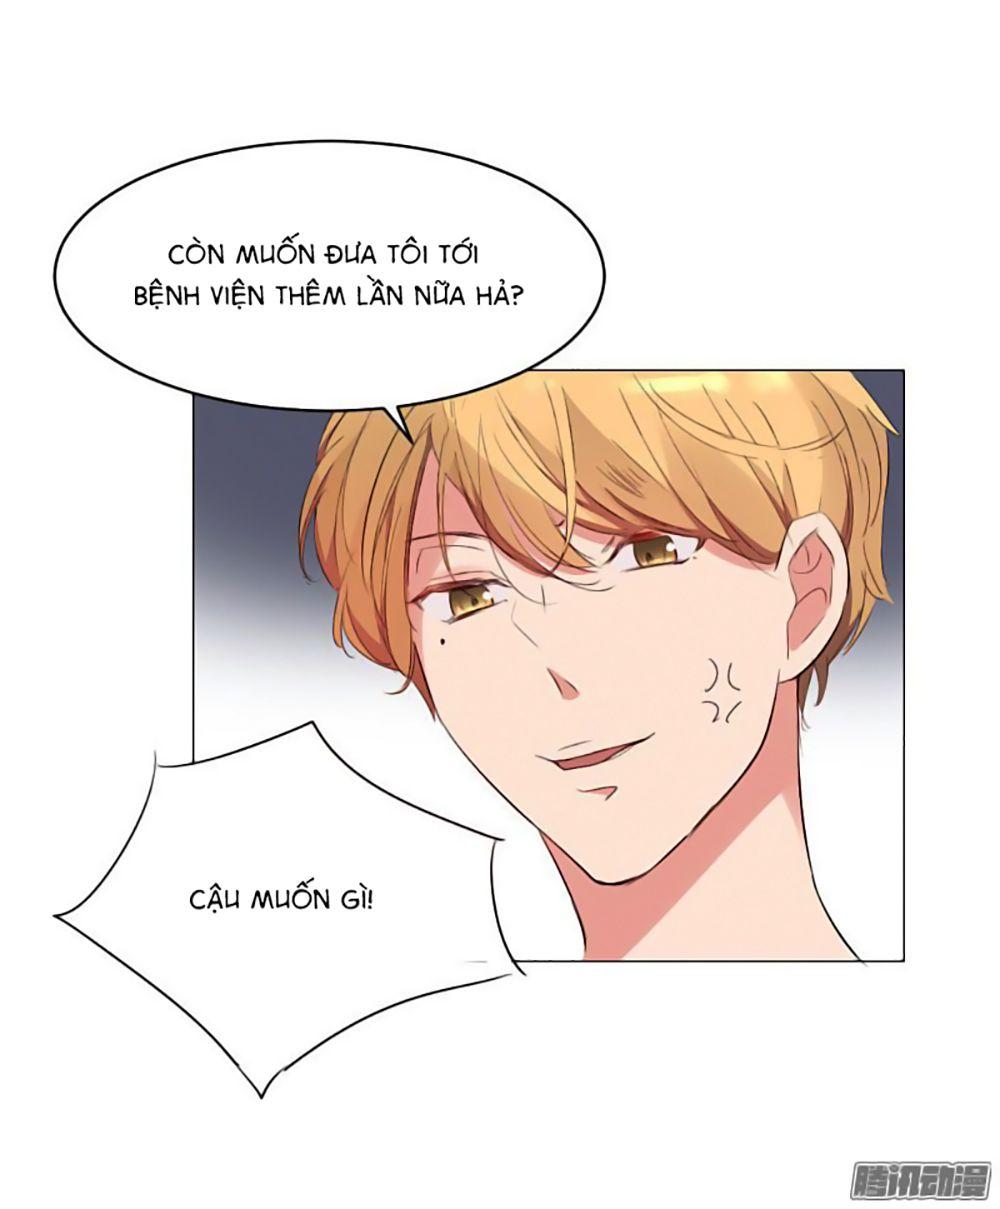 Quay Đầu Nhìn Lại, Anh Yêu Em! chap 7 - Trang 47